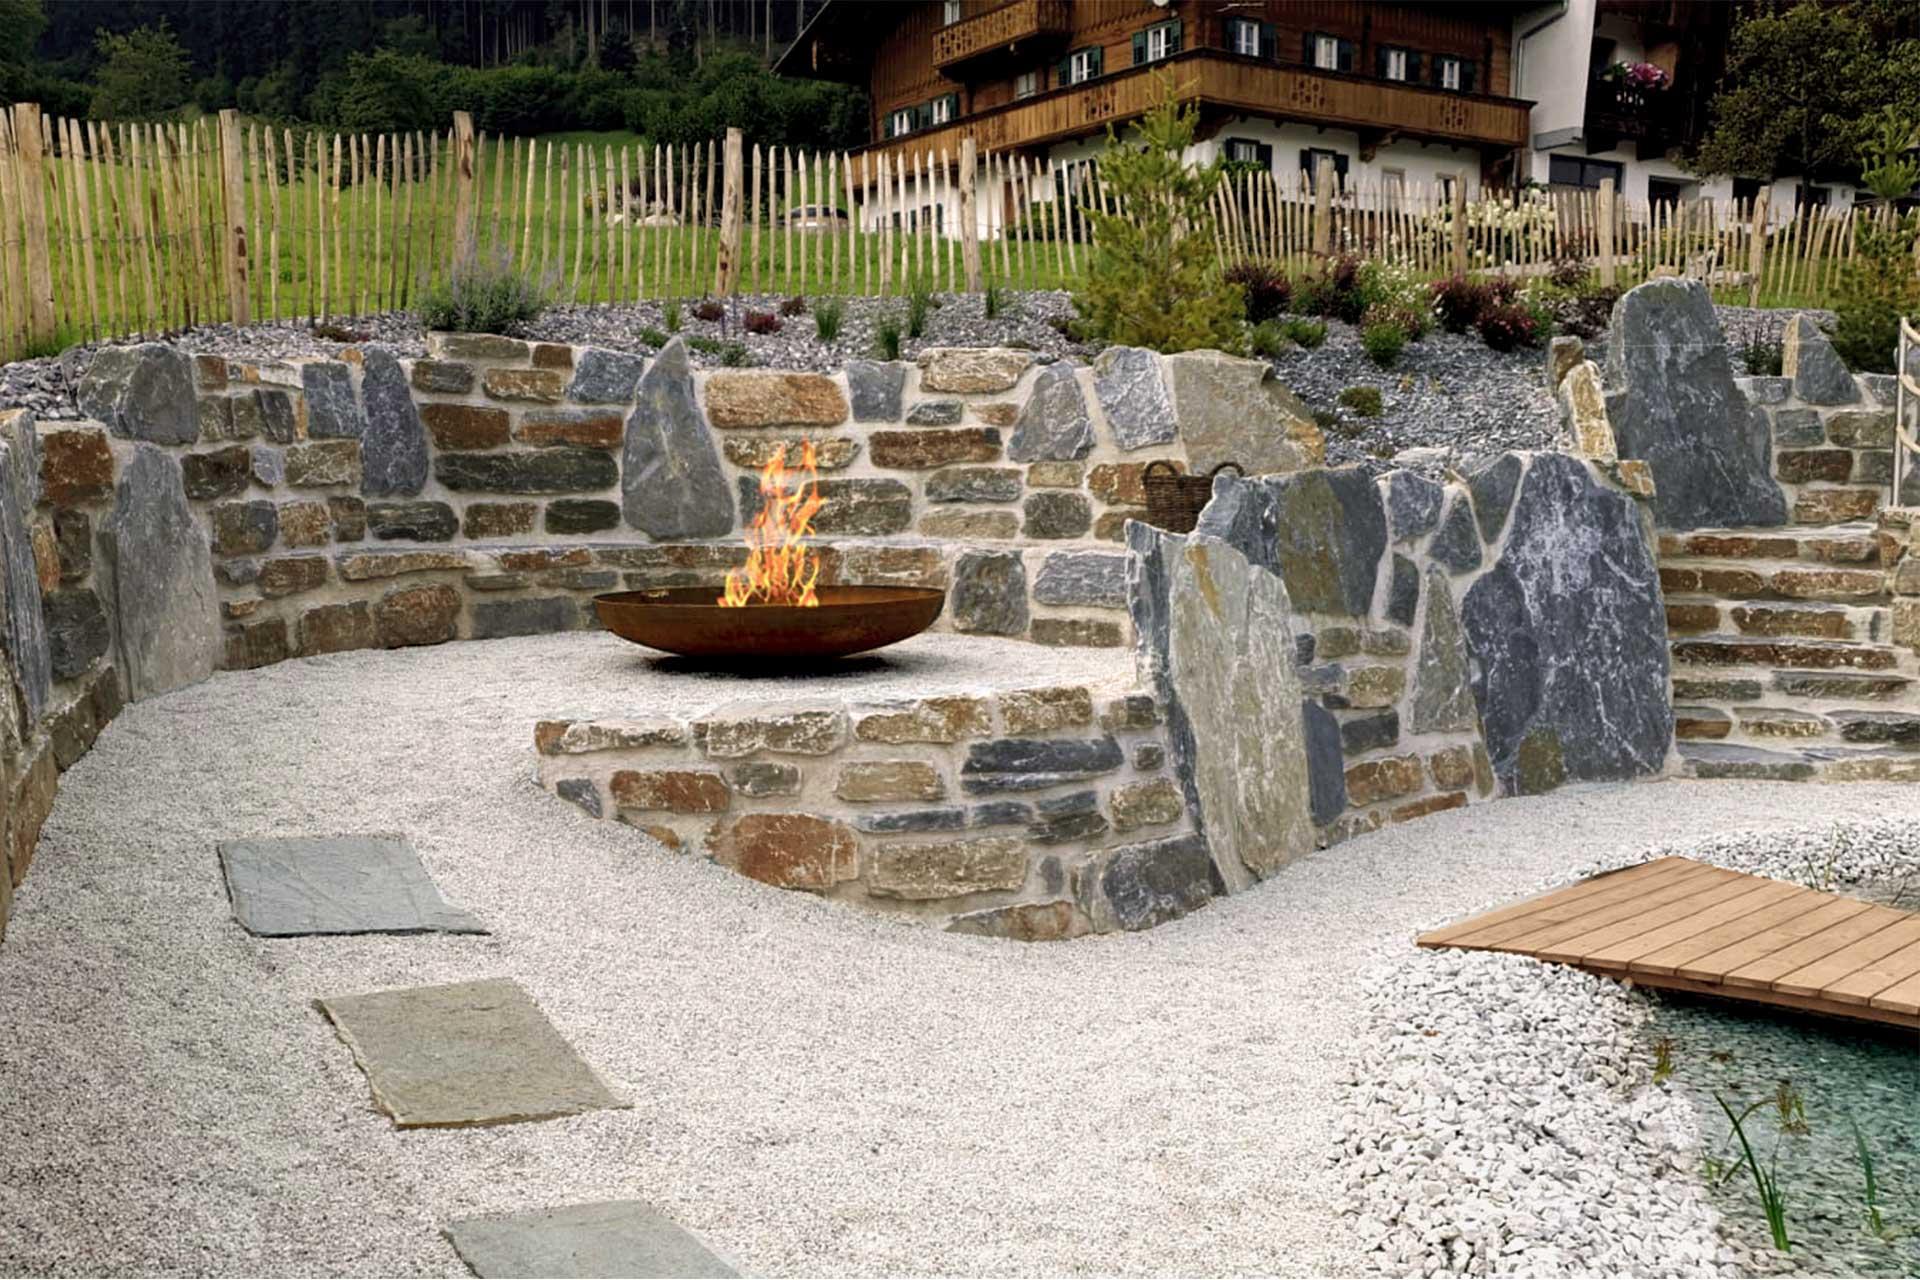 Natursteinmauern Von Karl Sailer Als Terrassierung Stutzmauer Sicht Oder Larmschutz Karl Sailer